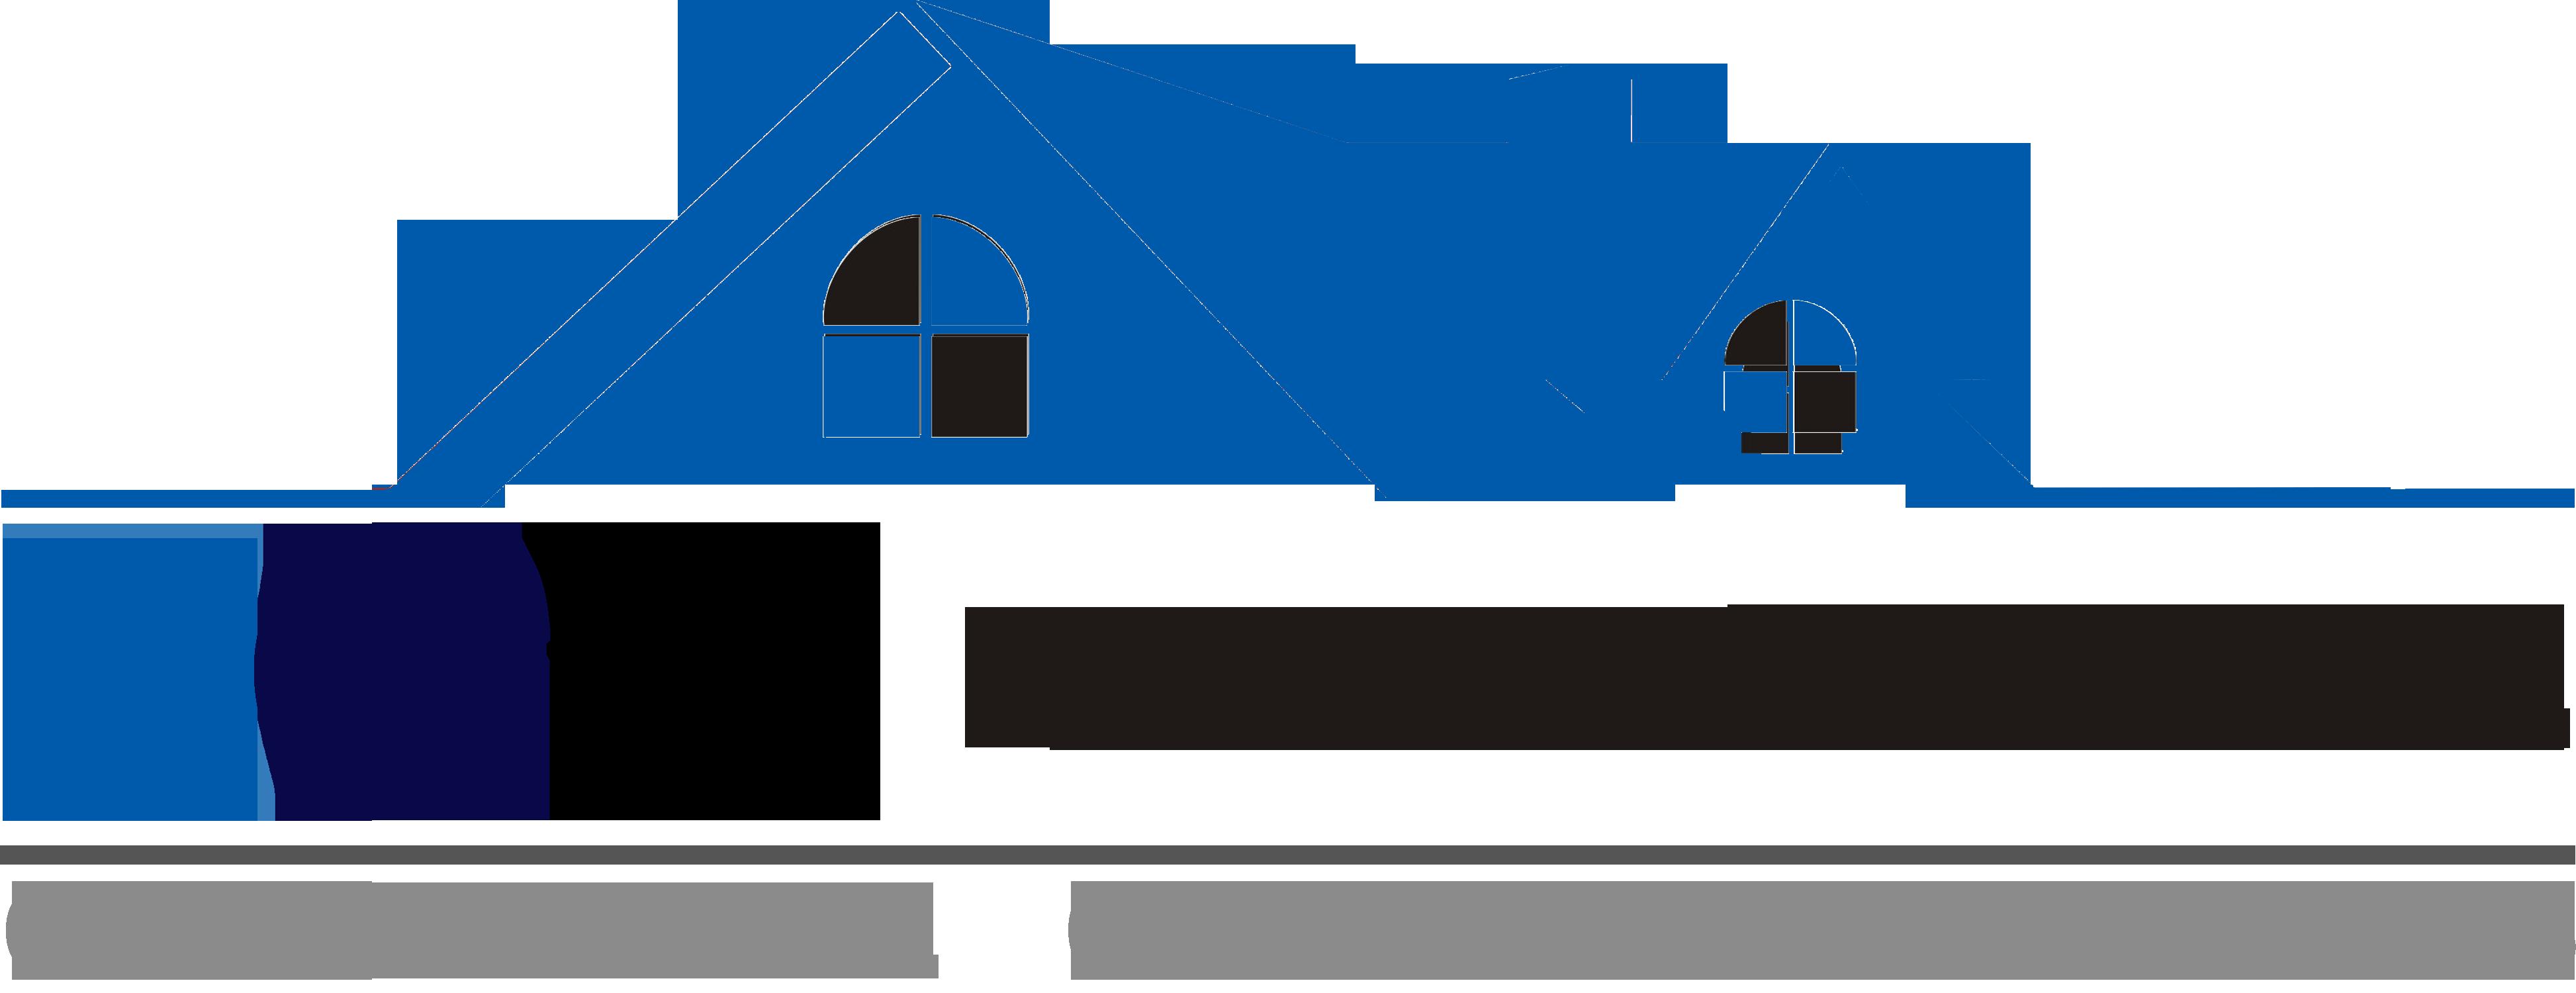 Bgm General Contractors Amp Builders Inc Has Been